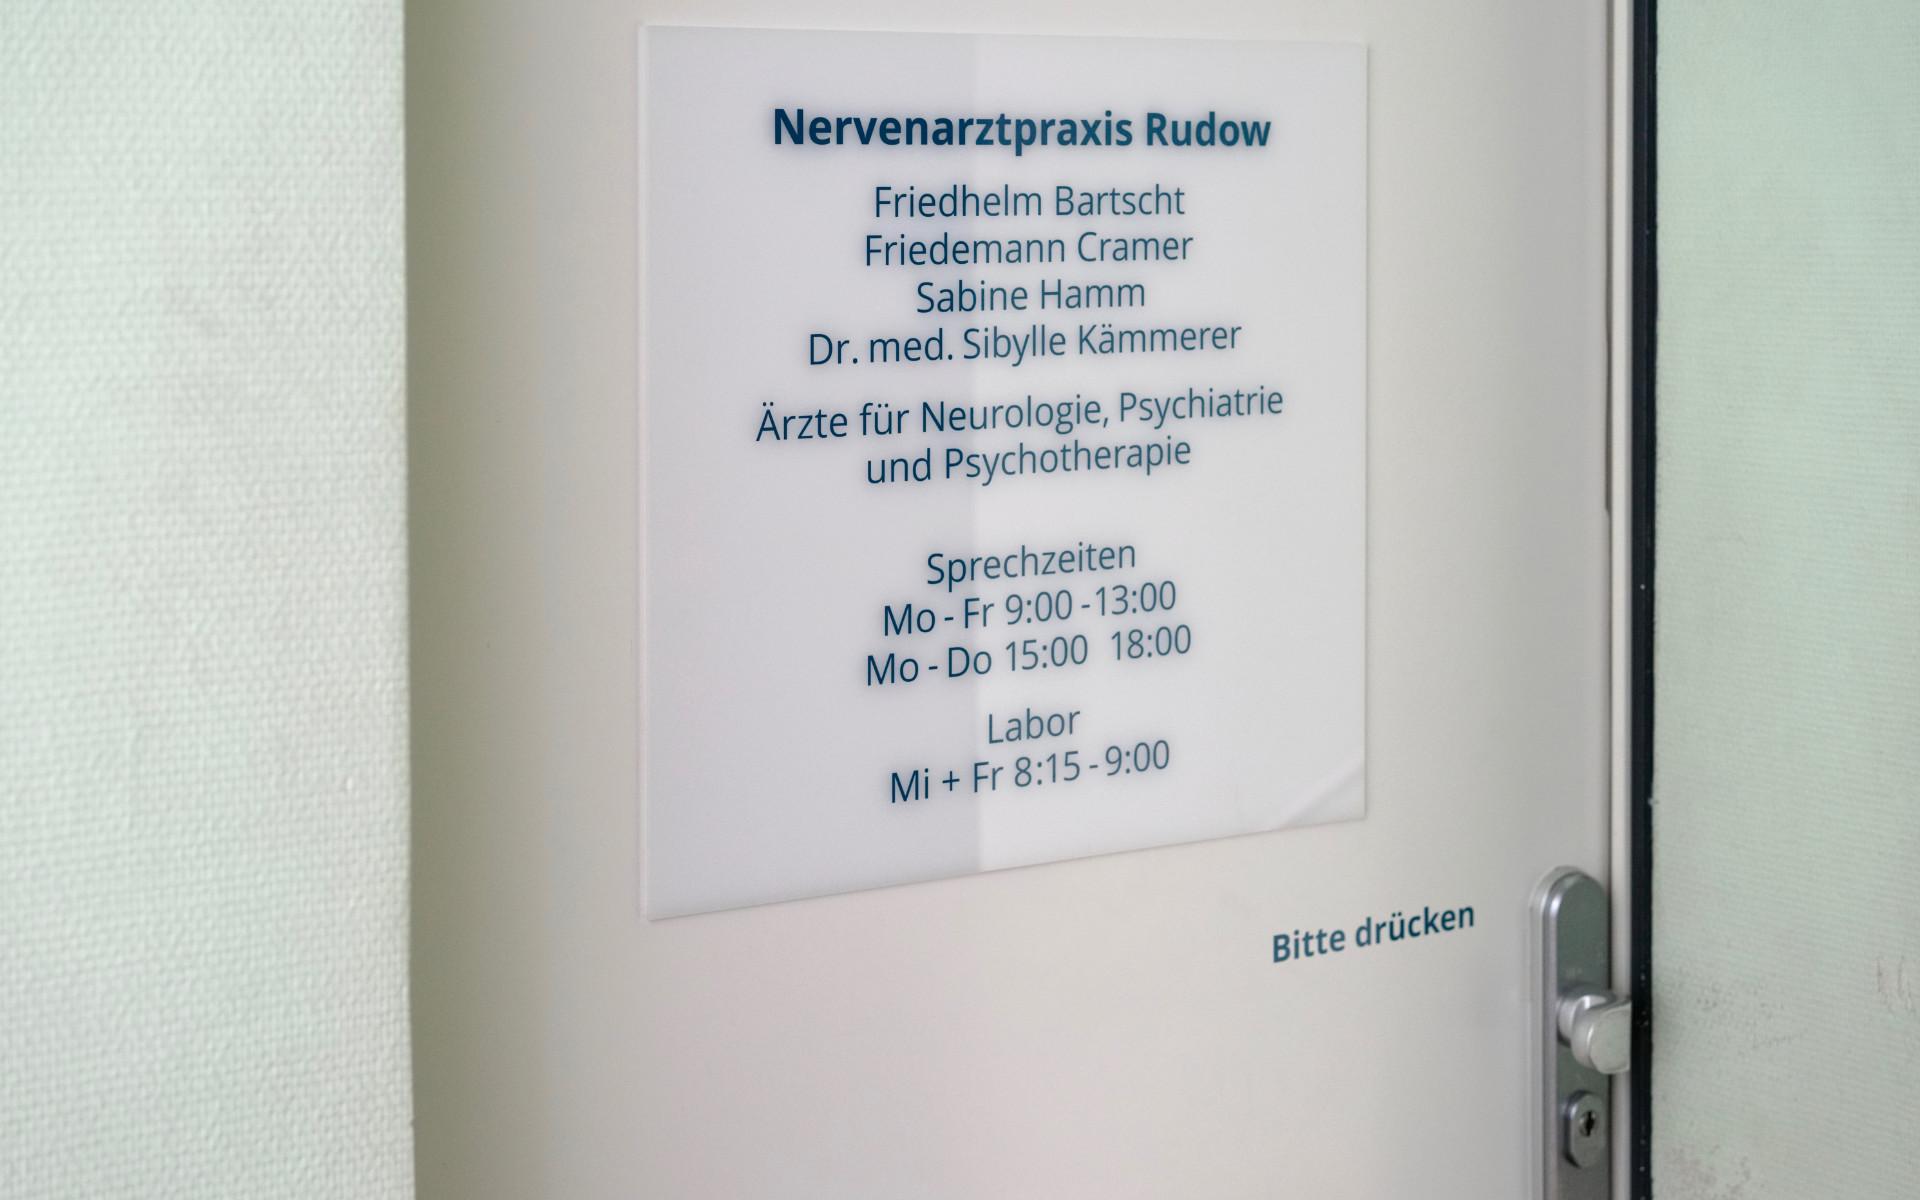 Nervenarztpraxis Wegweissystem Orientierungssystem Arztpraxis